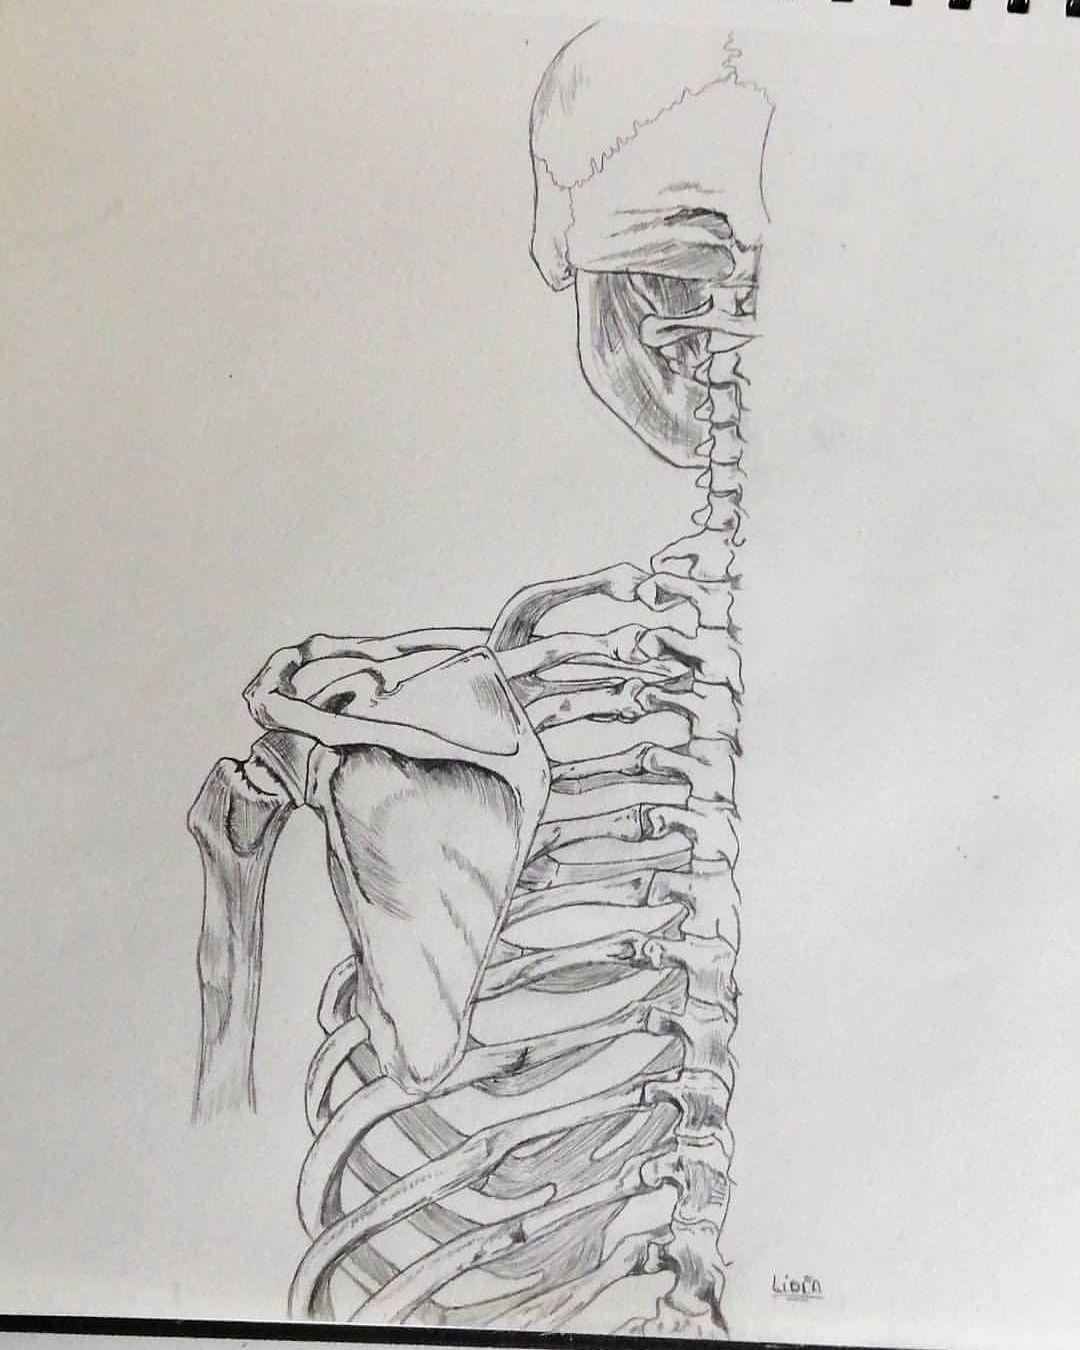 Esqueleto Humano Esqueleto Humano Esqueleto Dibujo Esqueleto